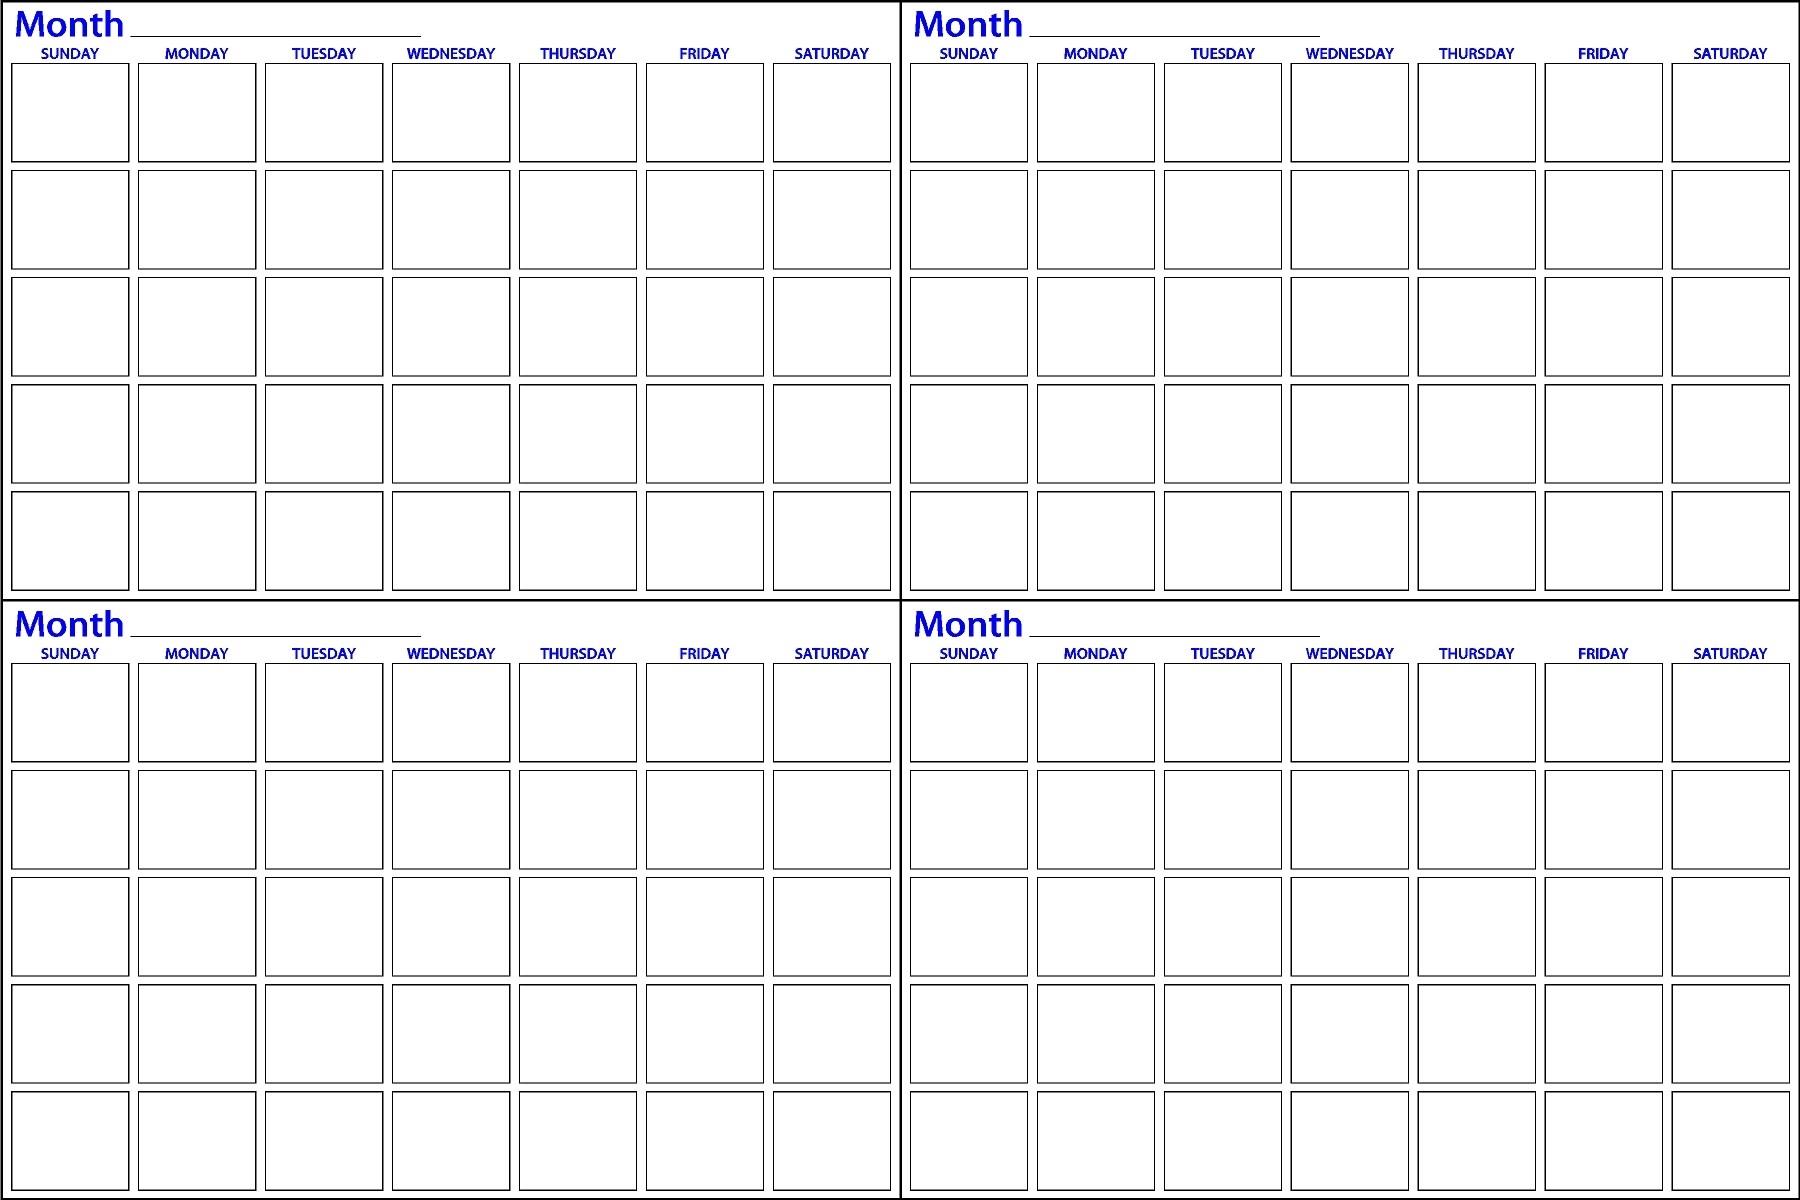 4 Month Blank Calendar - Mangan  Blank Calendar 4 Months